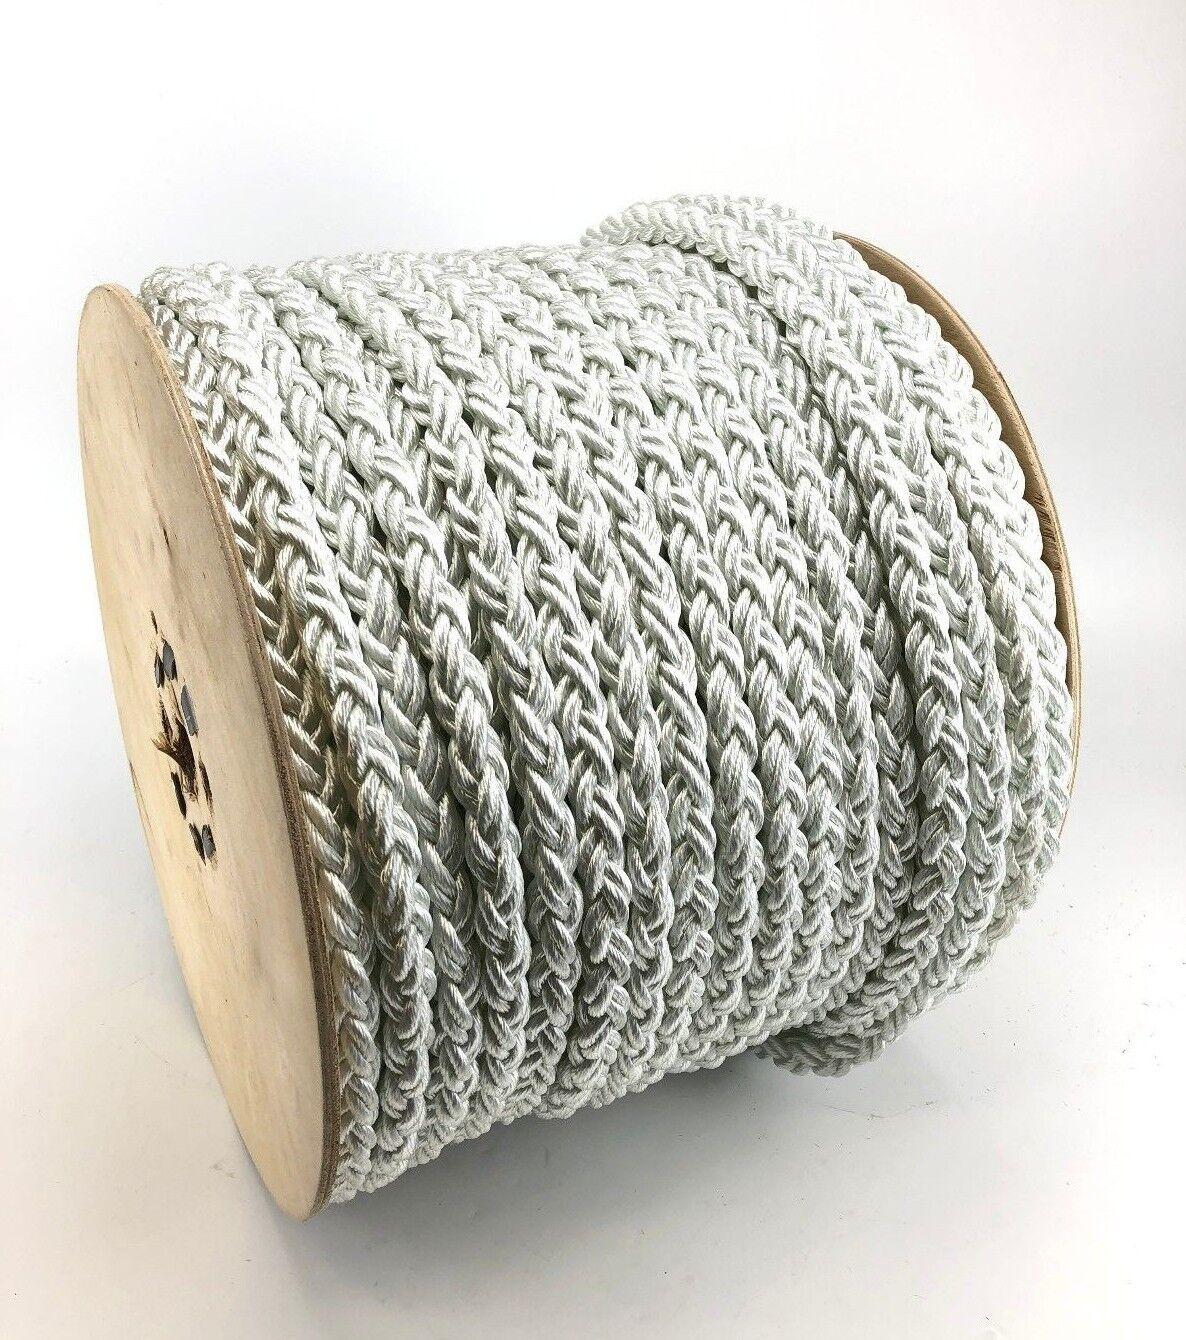 14mm 8 x Strang weißes Nylon Seil x 8 25 m Rolle, Liegeplatz Seil multiplait 2bdb43